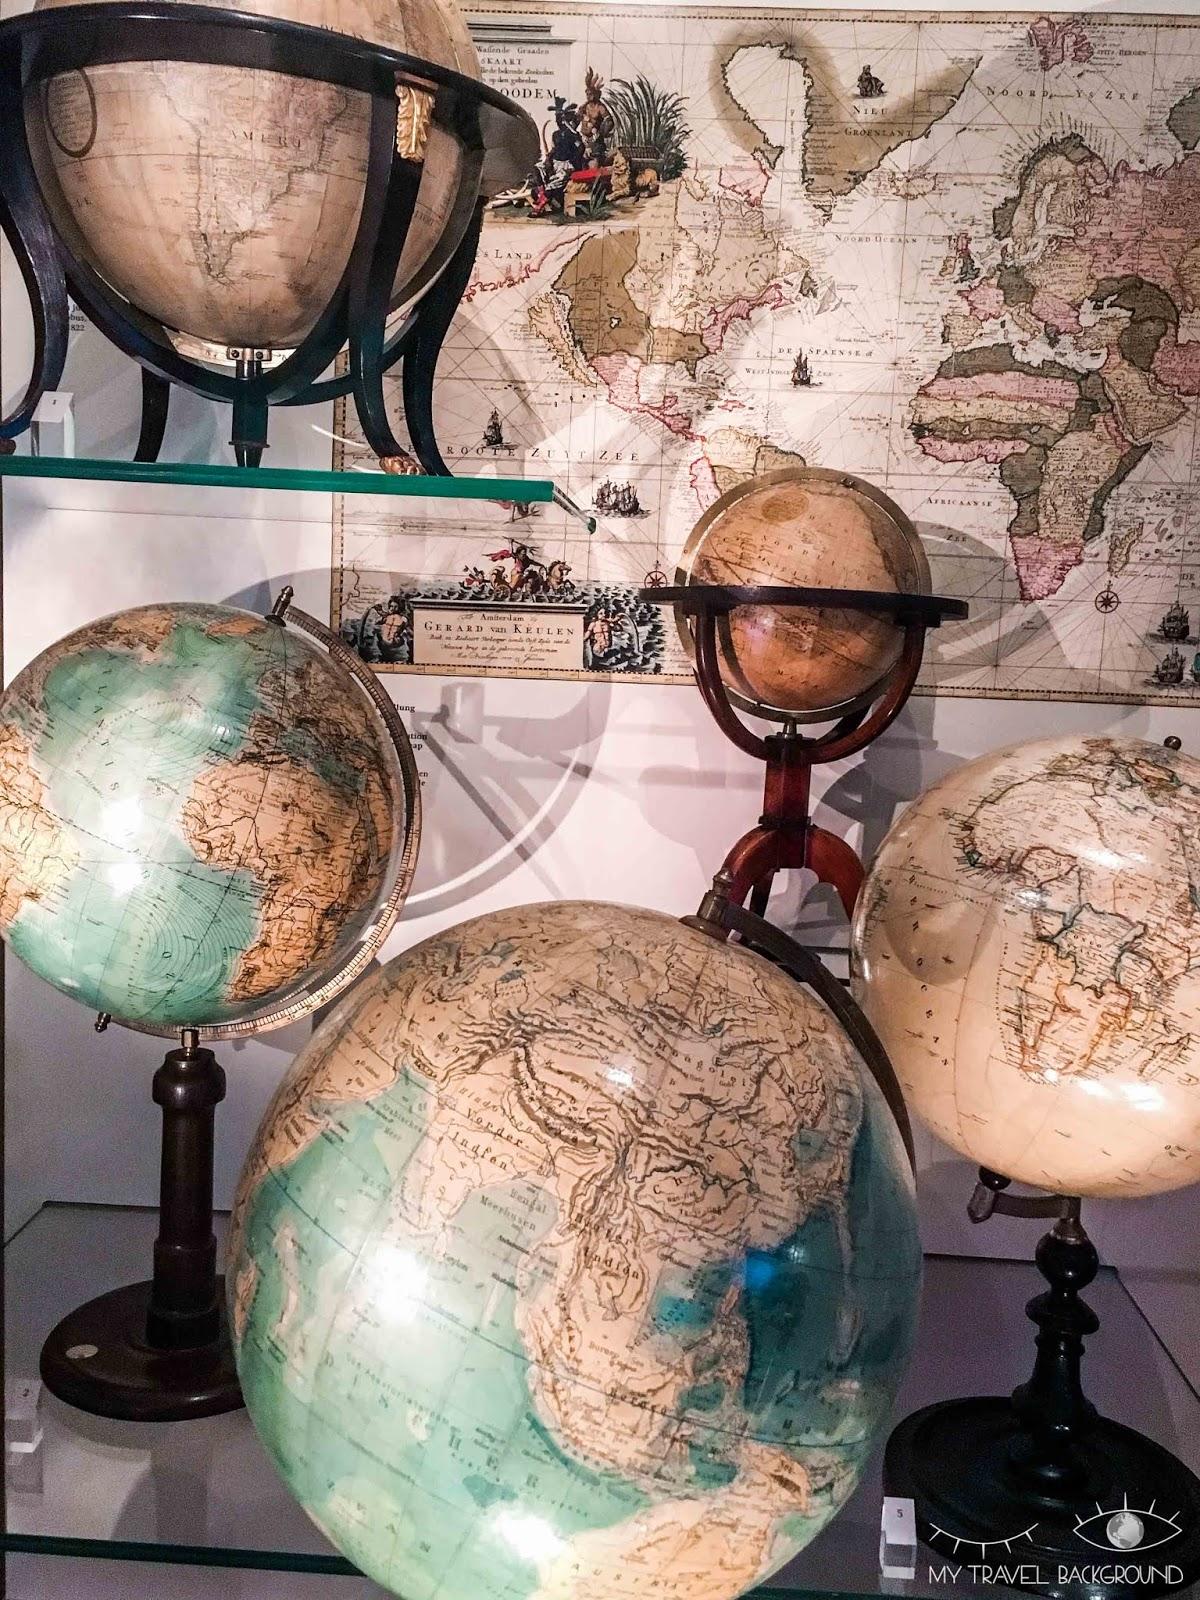 My Travel Background : visiter Vienne, la capitale de l'Autriche, en 3 jours - Musée des Globes et de l'Espéranto